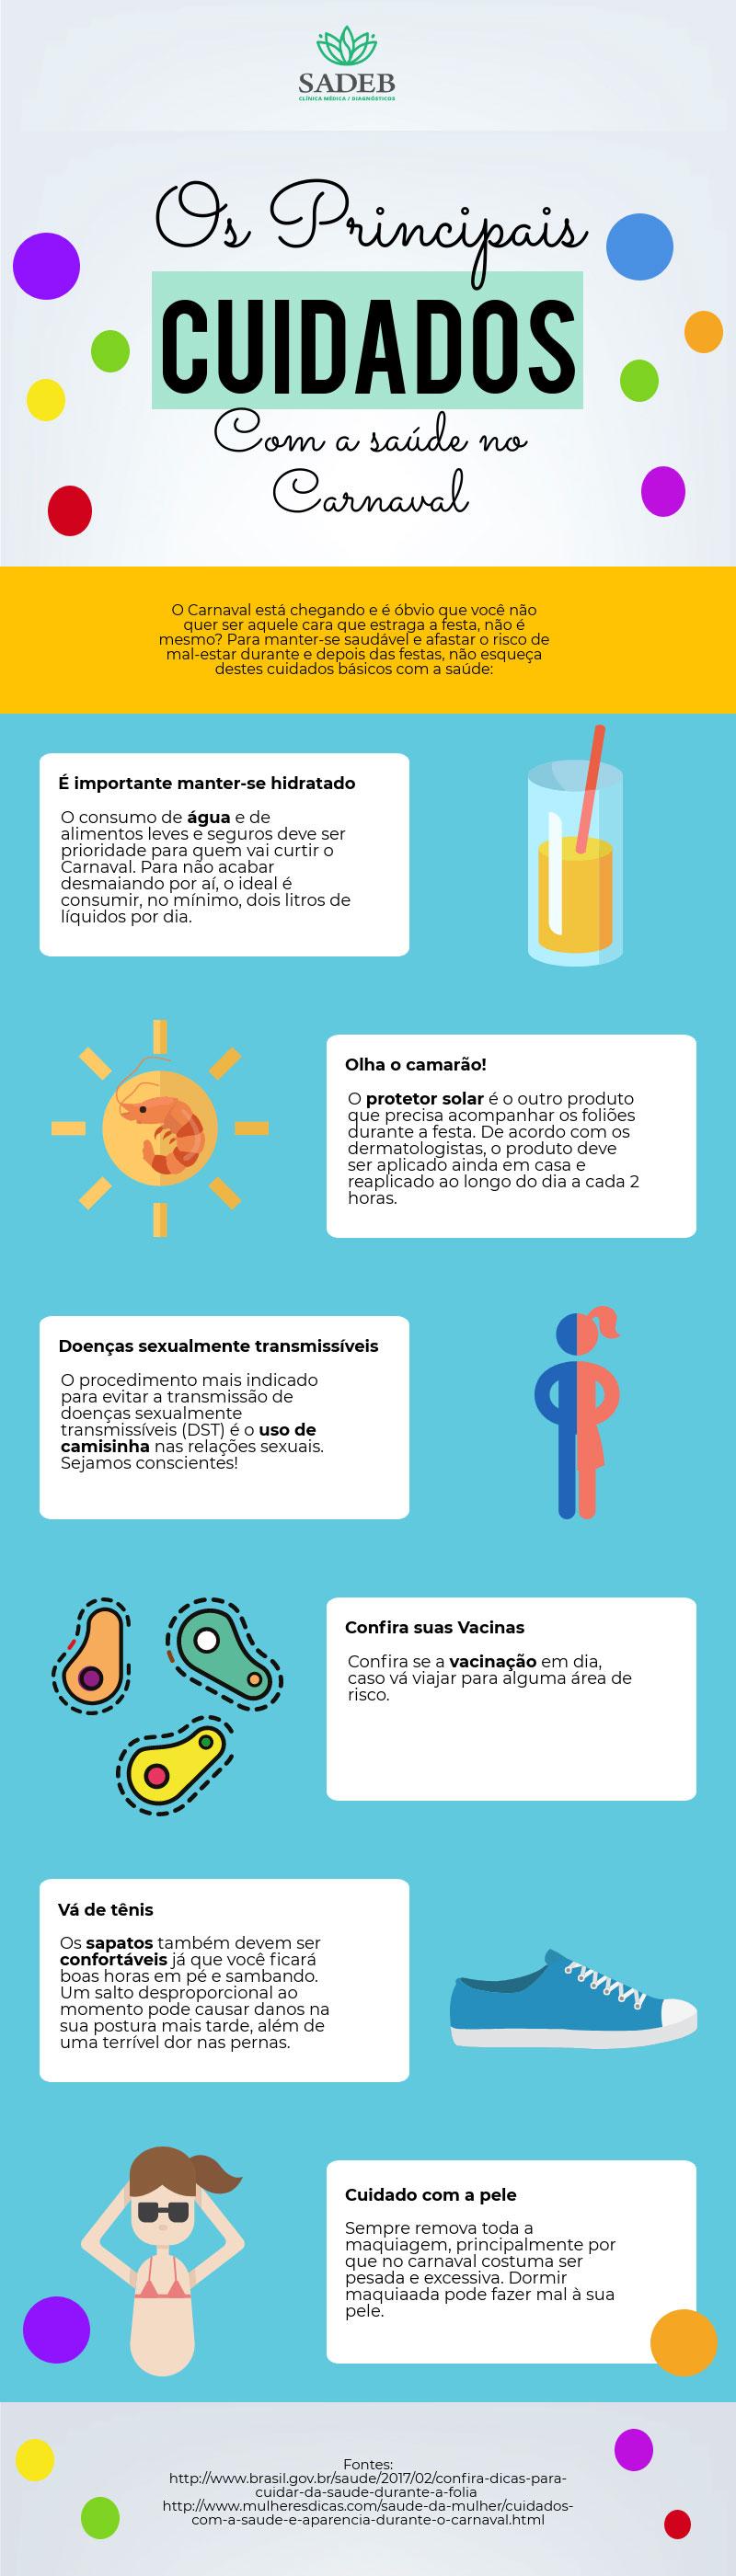 Os-principais-cuidados-com-a-saúde-no-Carnaval